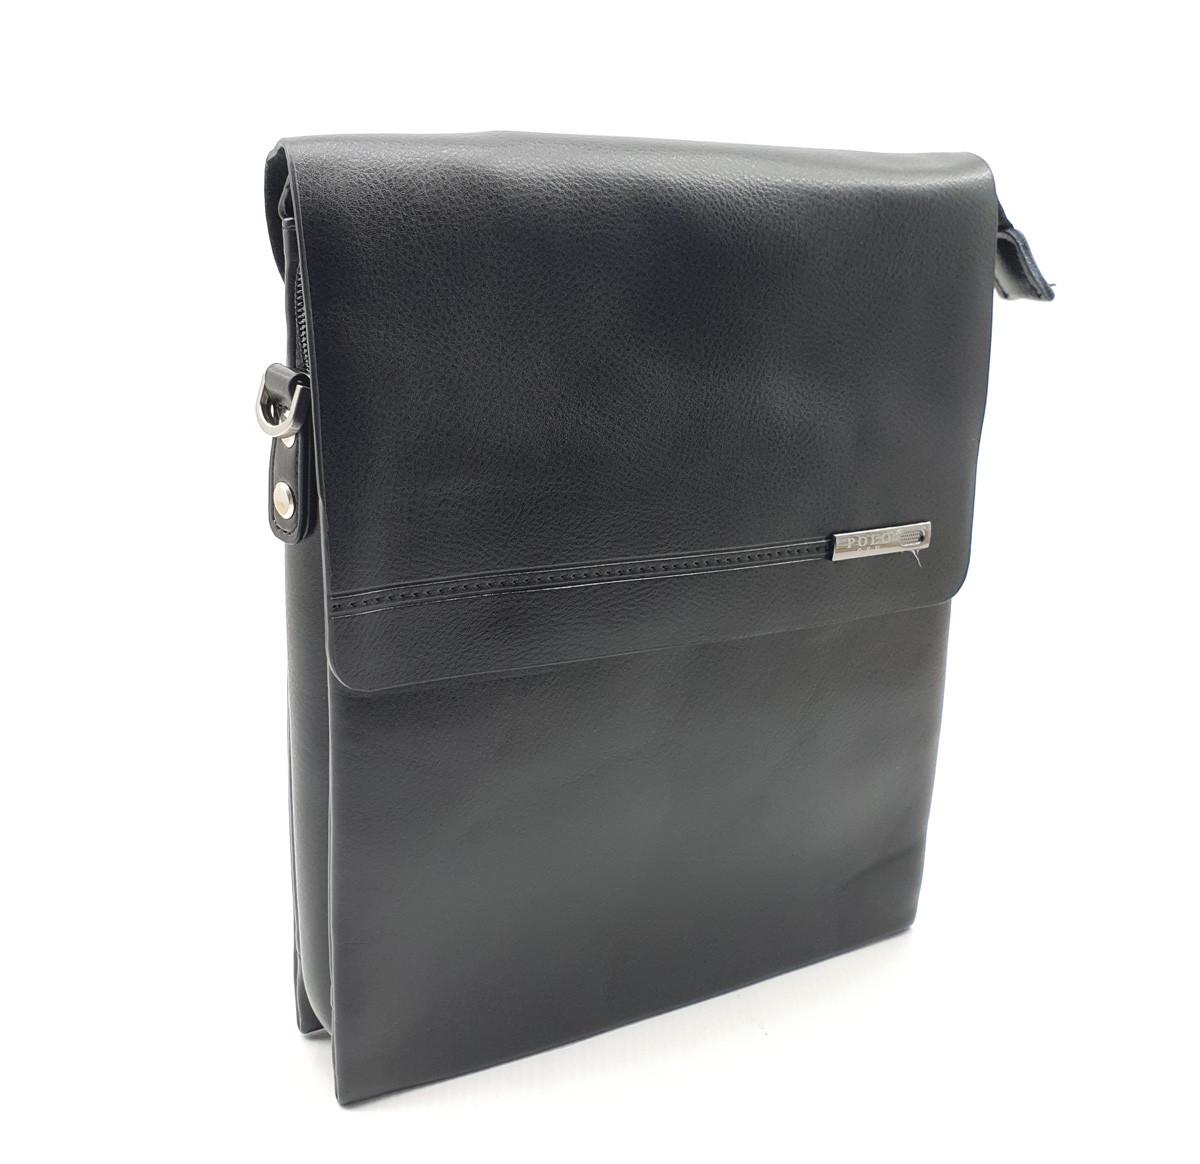 a895c759fcfe Мужская сумка POLO из качественной кожи PU(b356-3) - Tinder Интернет-